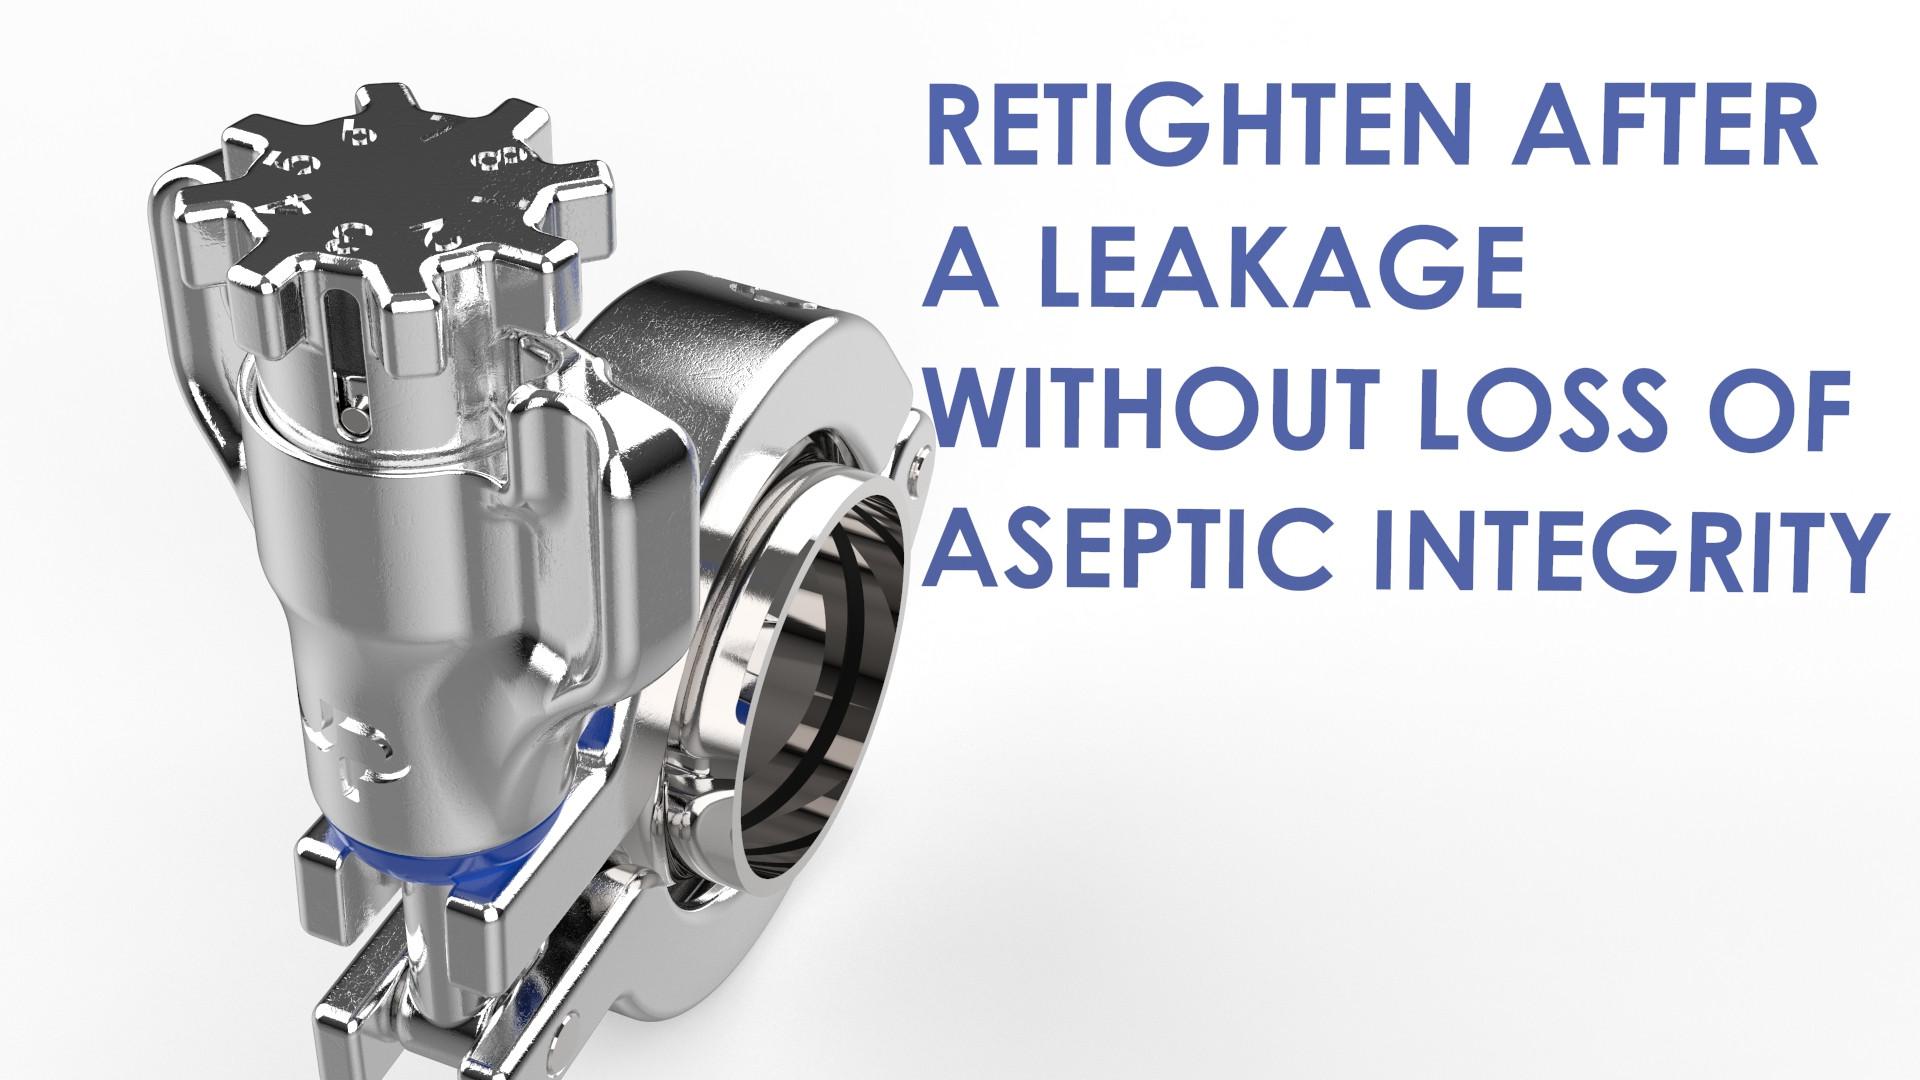 Retighten after leak aseptic